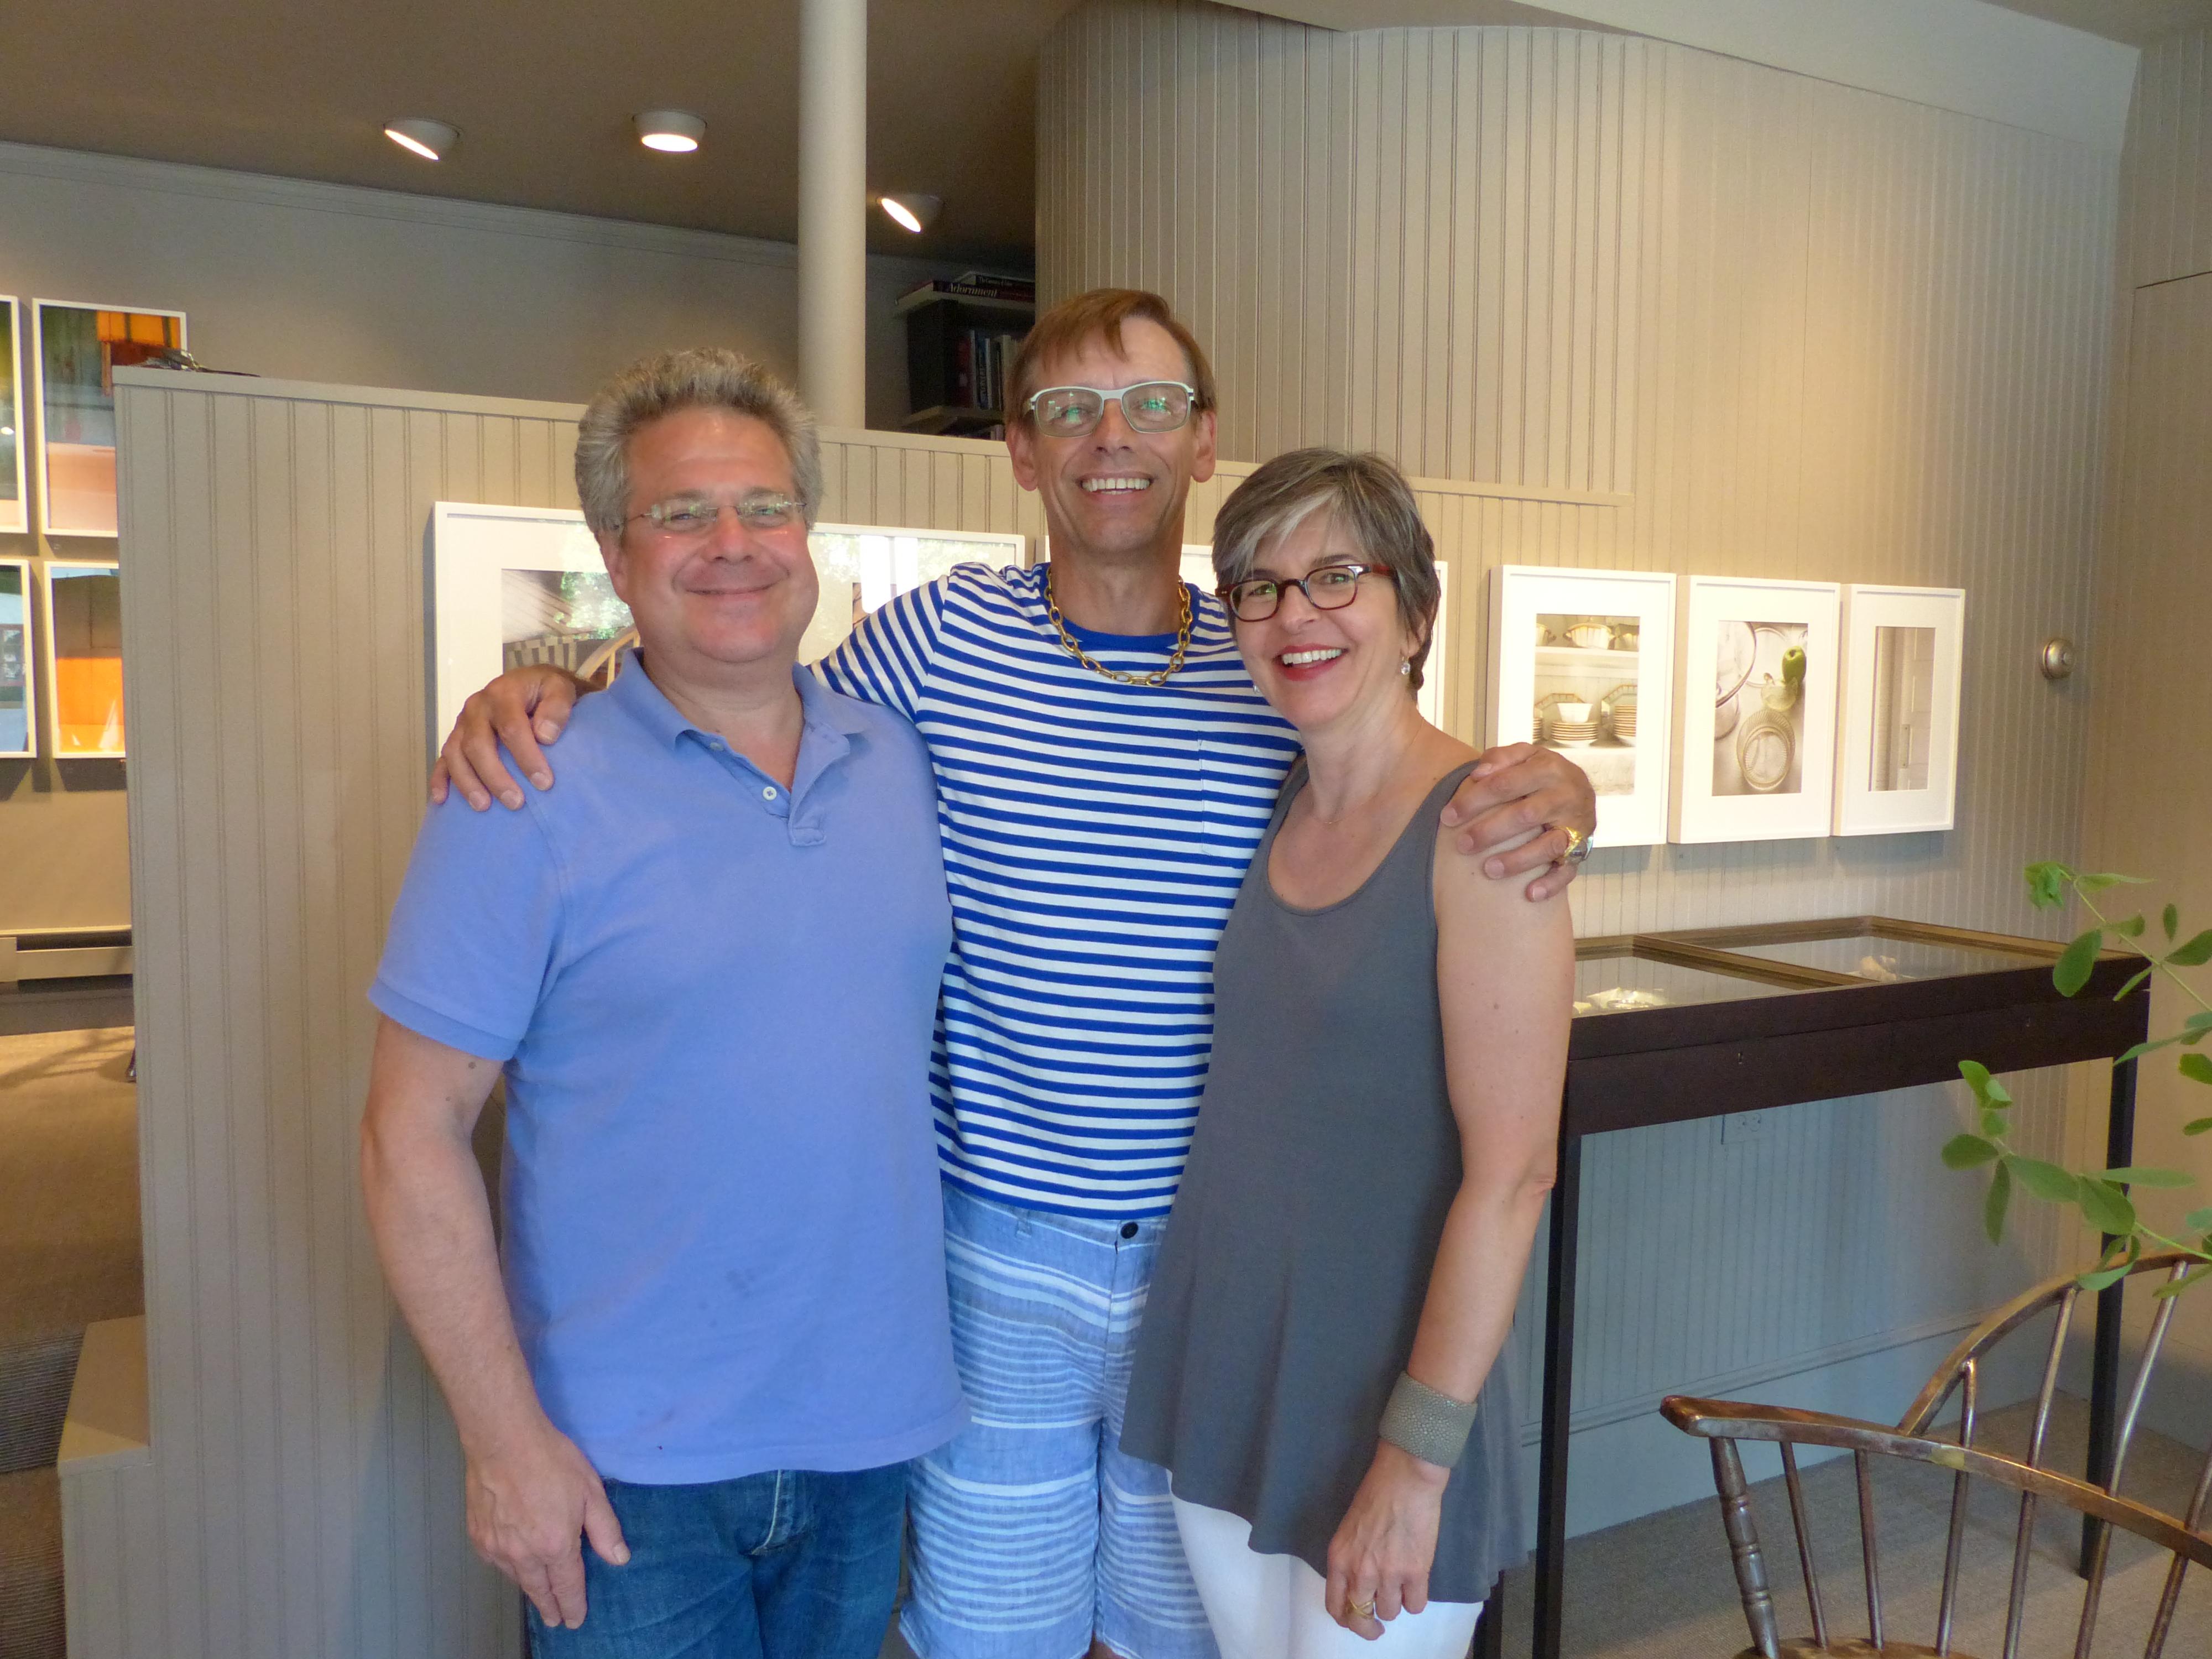 Elaine, Charles and I